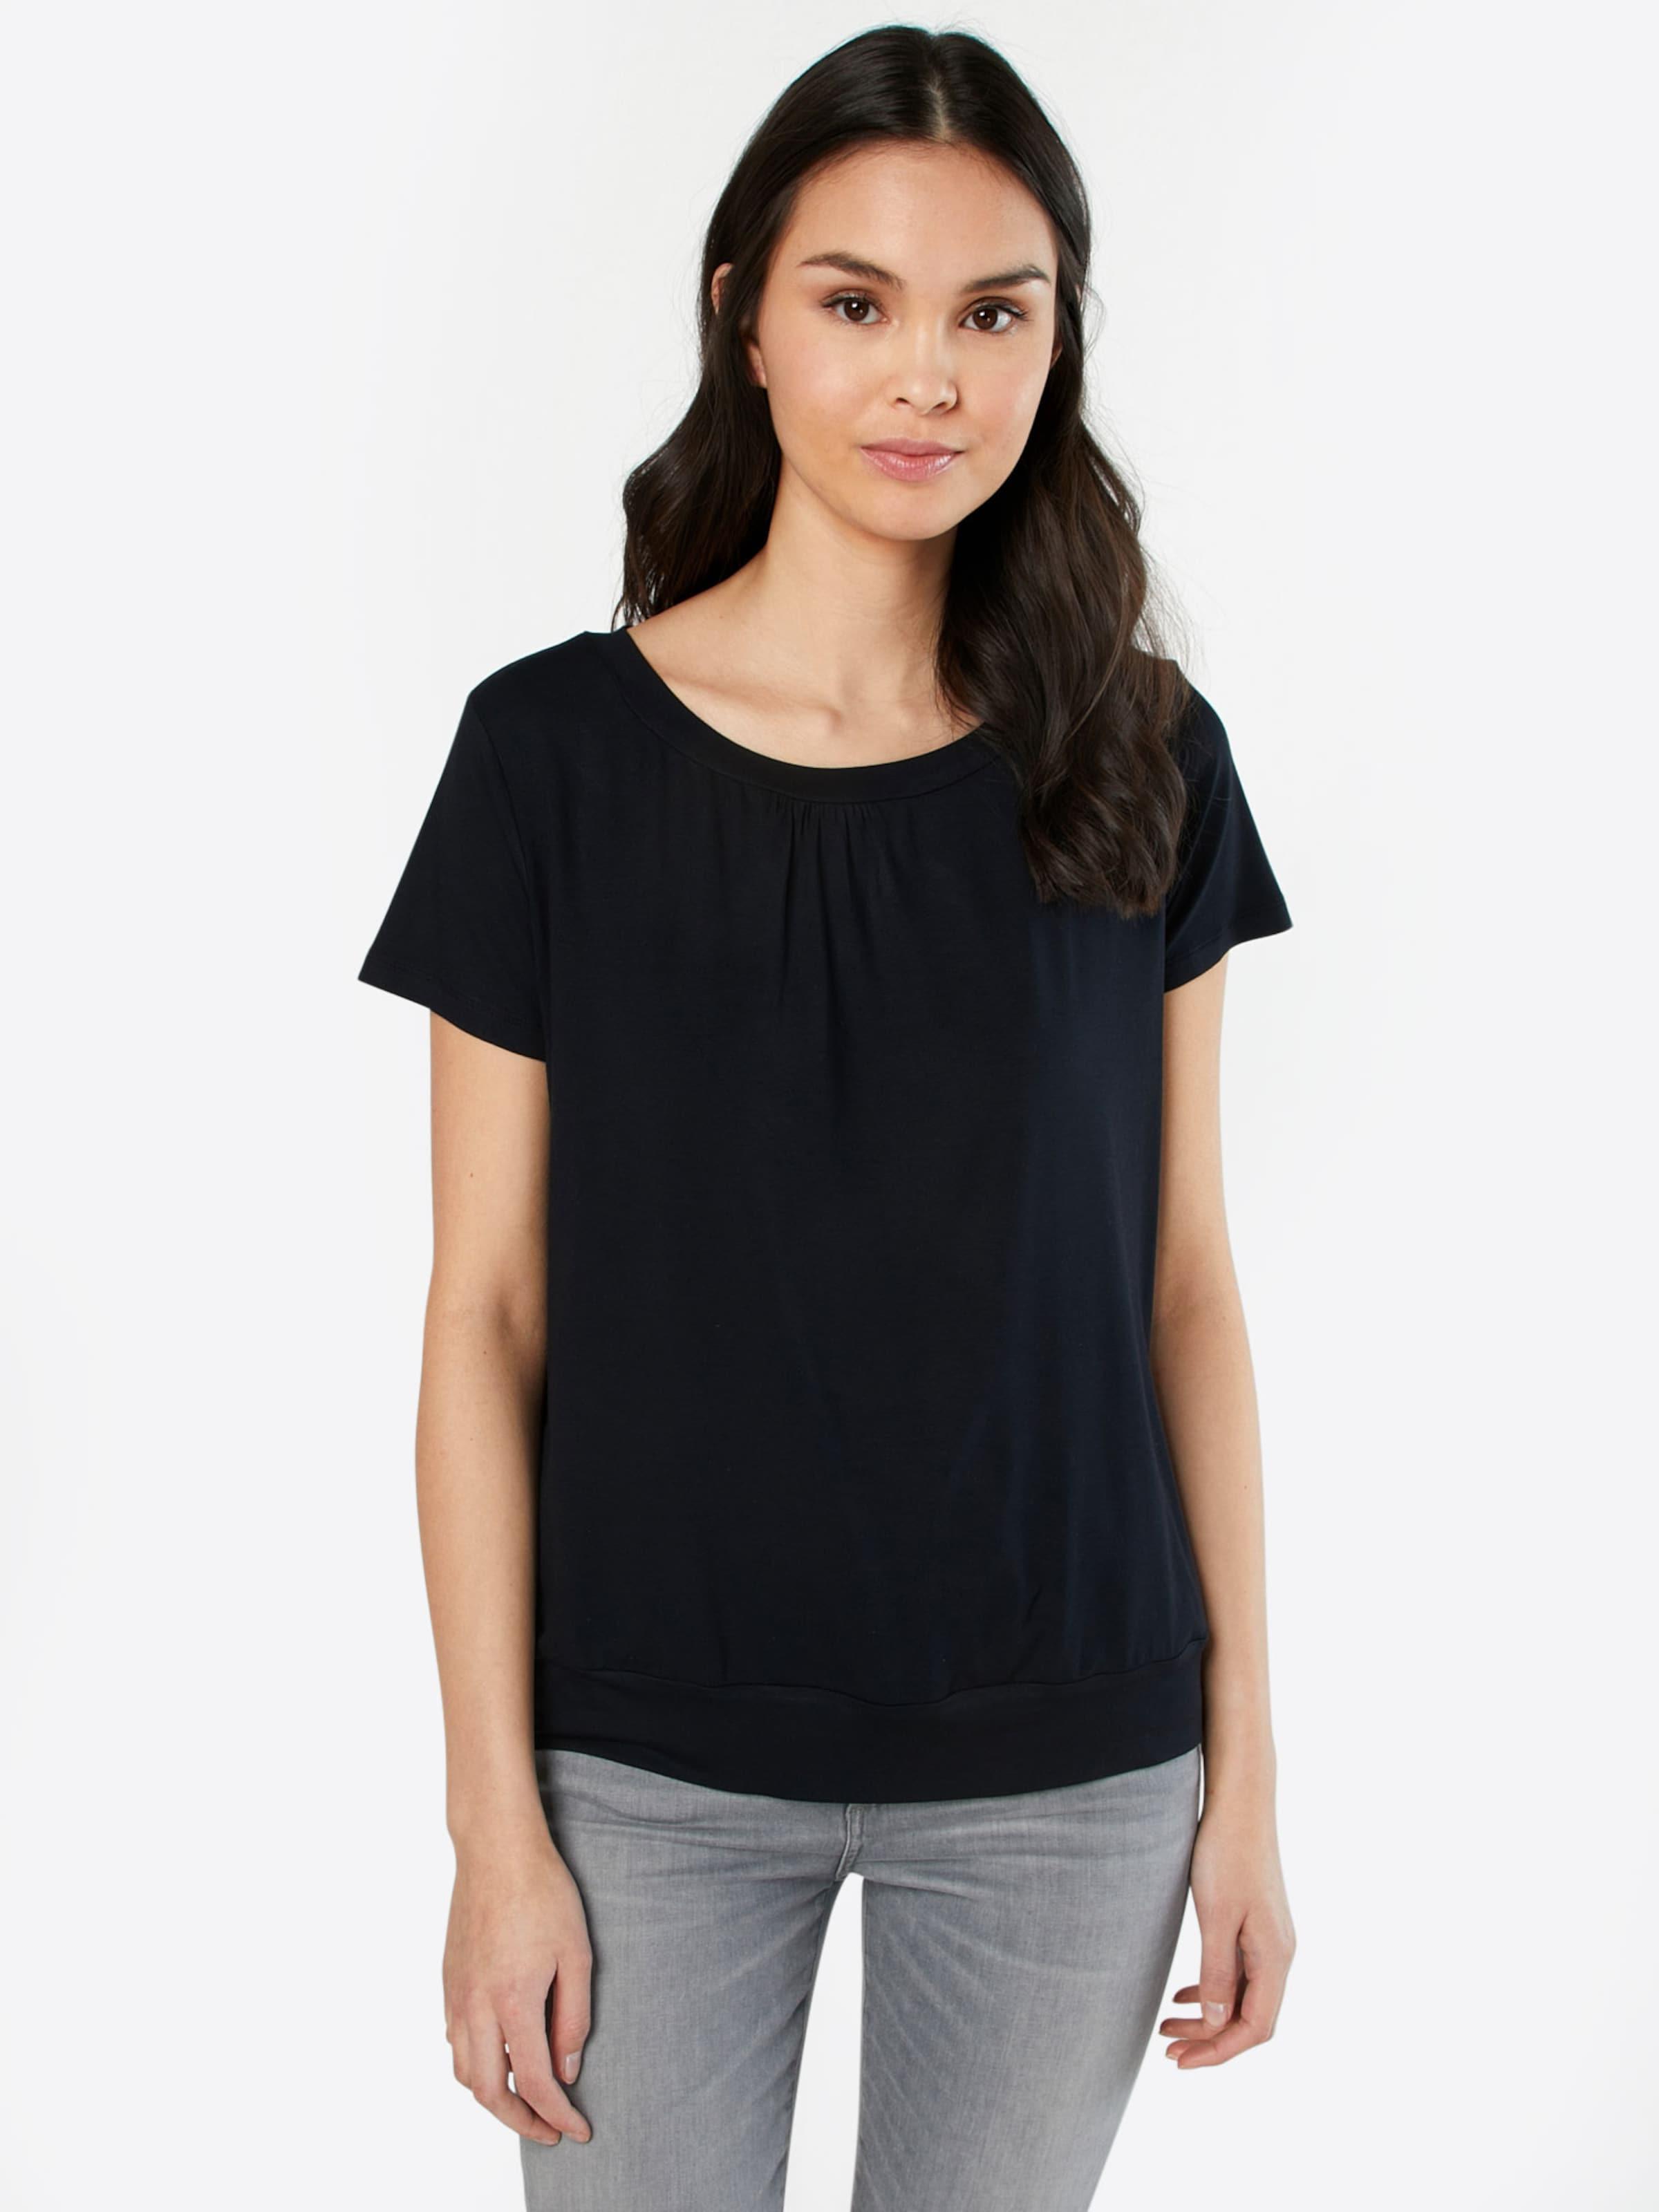 Günstig Kaufen Countdown-Paket ABOUT YOU Basics Jerseyshirt 'Ester' Verkauf Zahlen Mit Paypal Lieferung Frei Haus Mit Kreditkarte oOQ3ndM